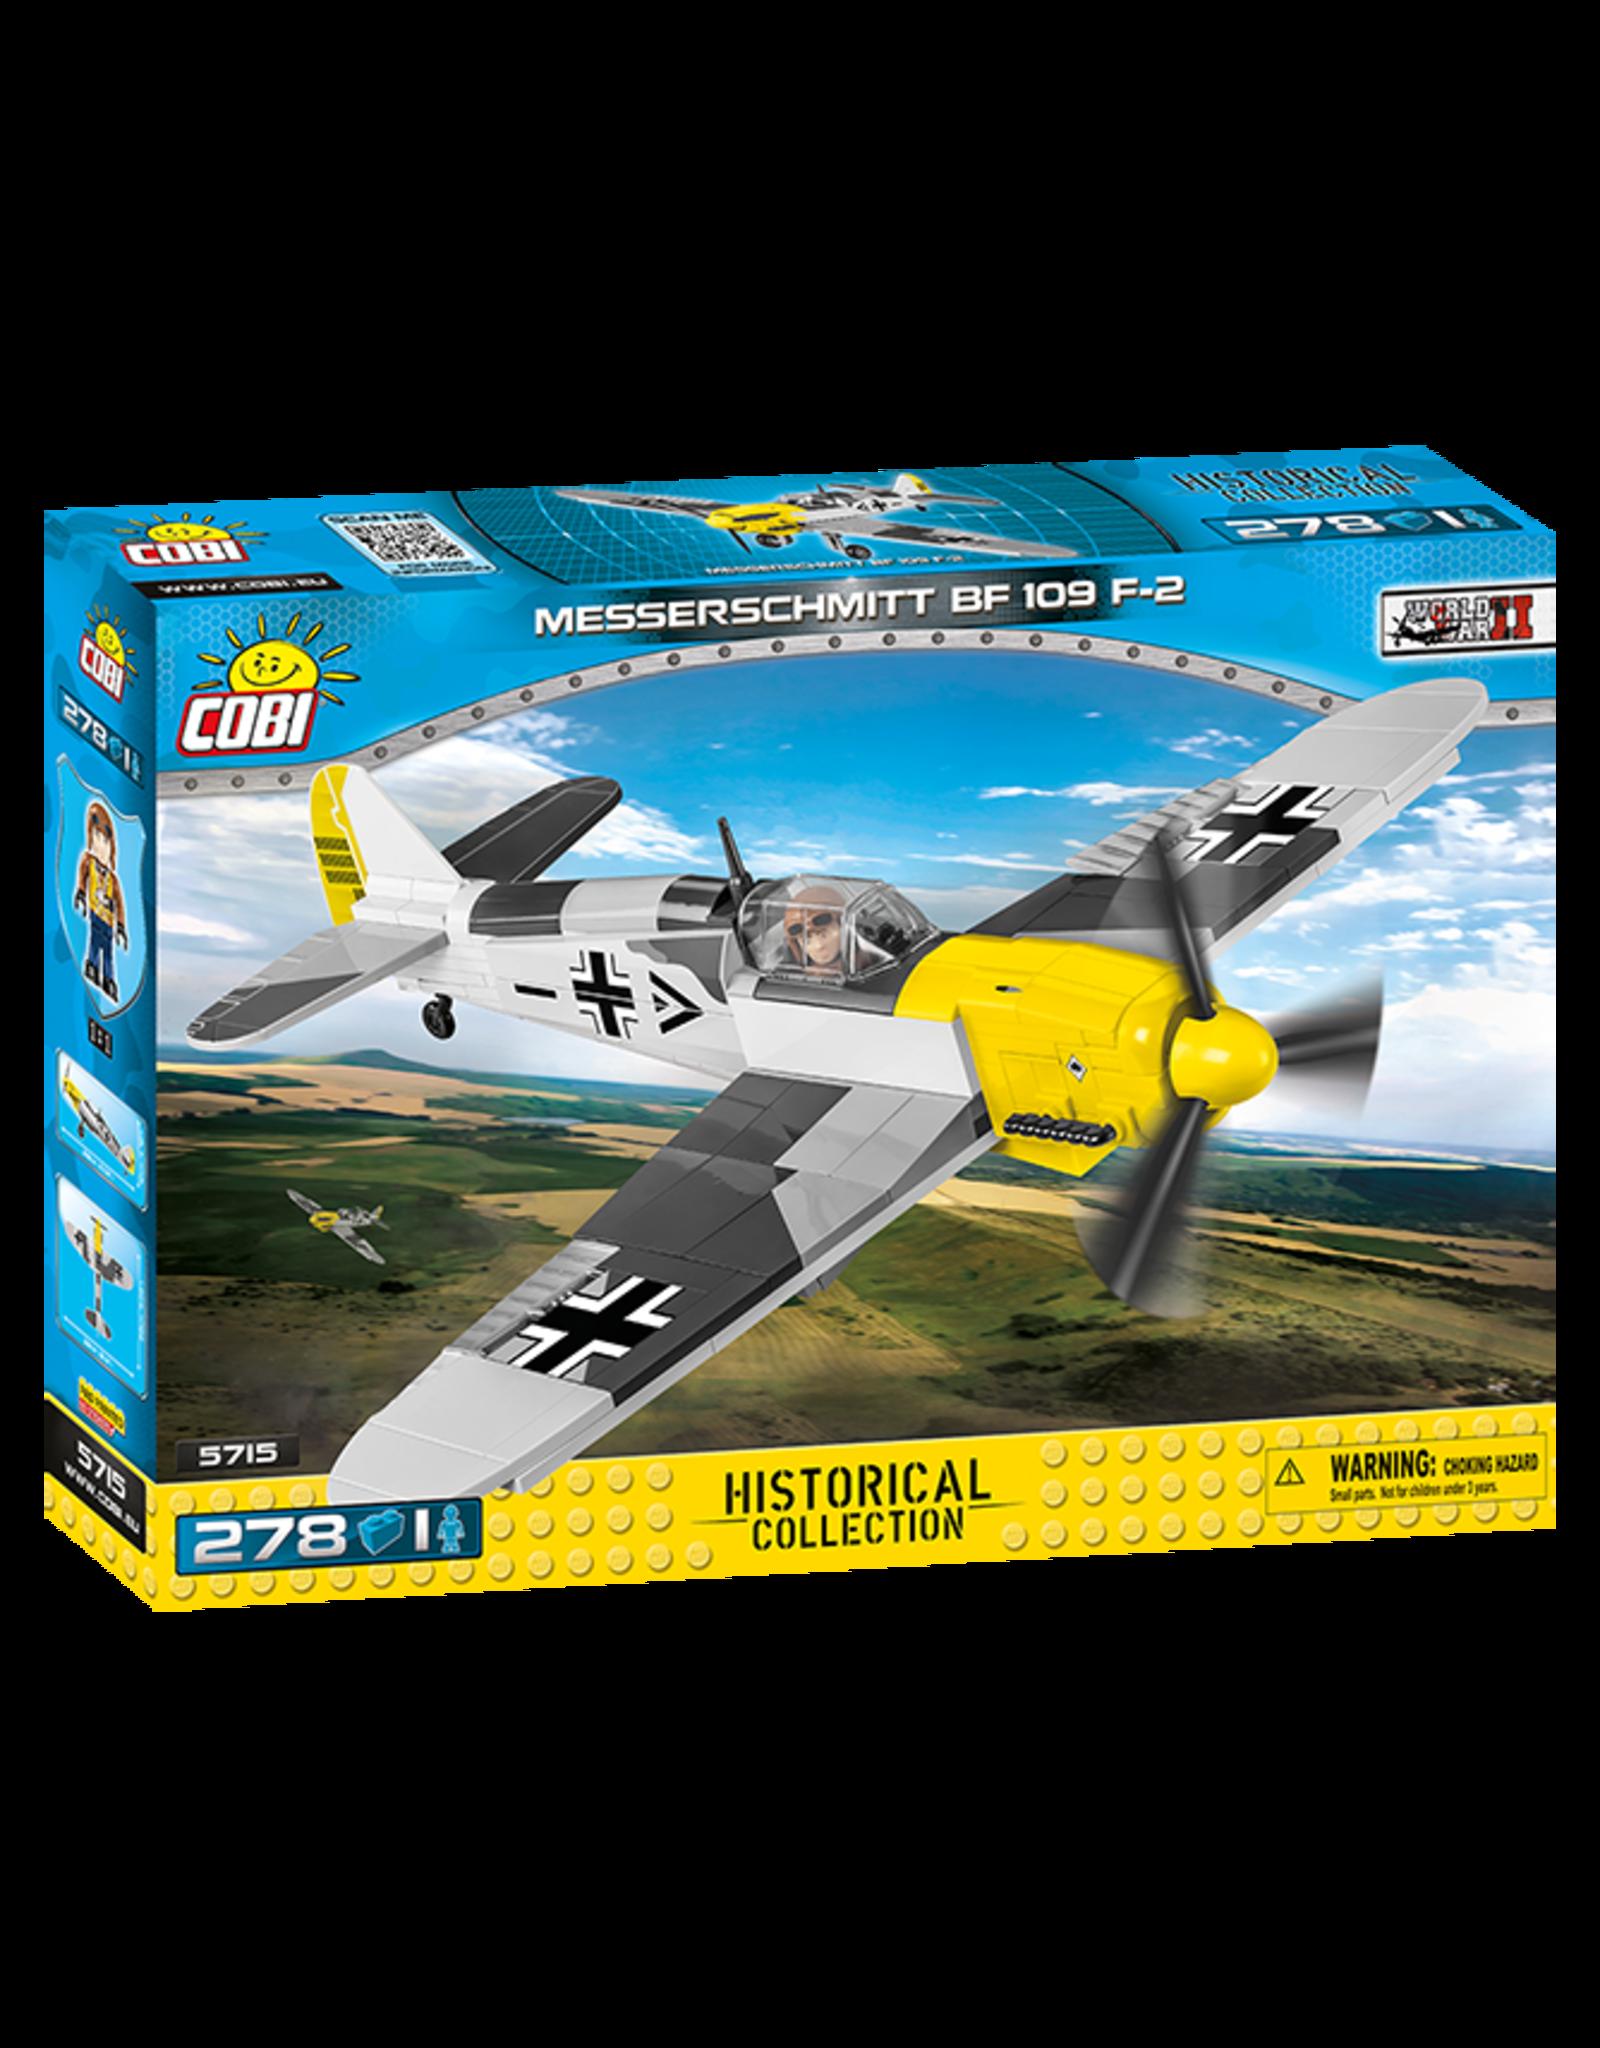 COBI COBI  WW2 5715 - Messerschmitt BF109 F2